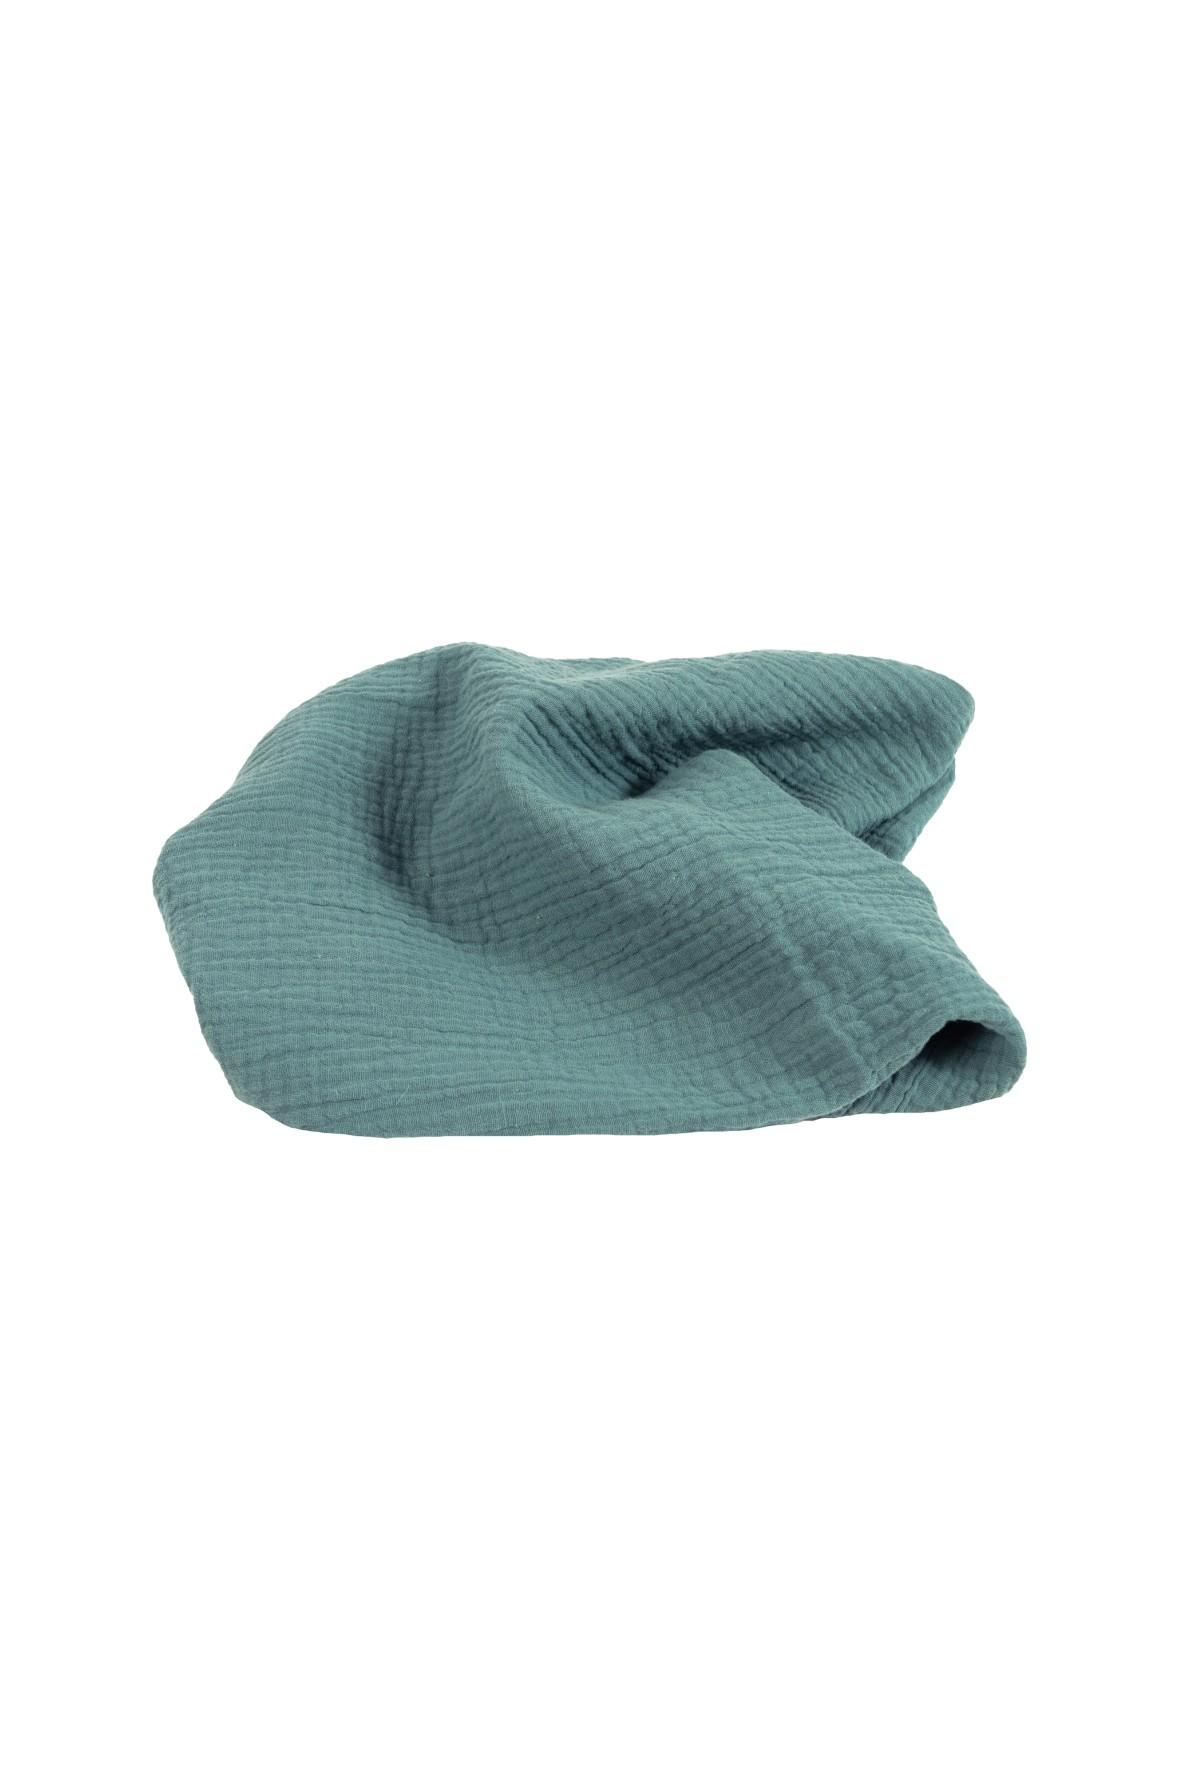 Otulacz muslinowy 100% bawełna, roz. 80x120cm